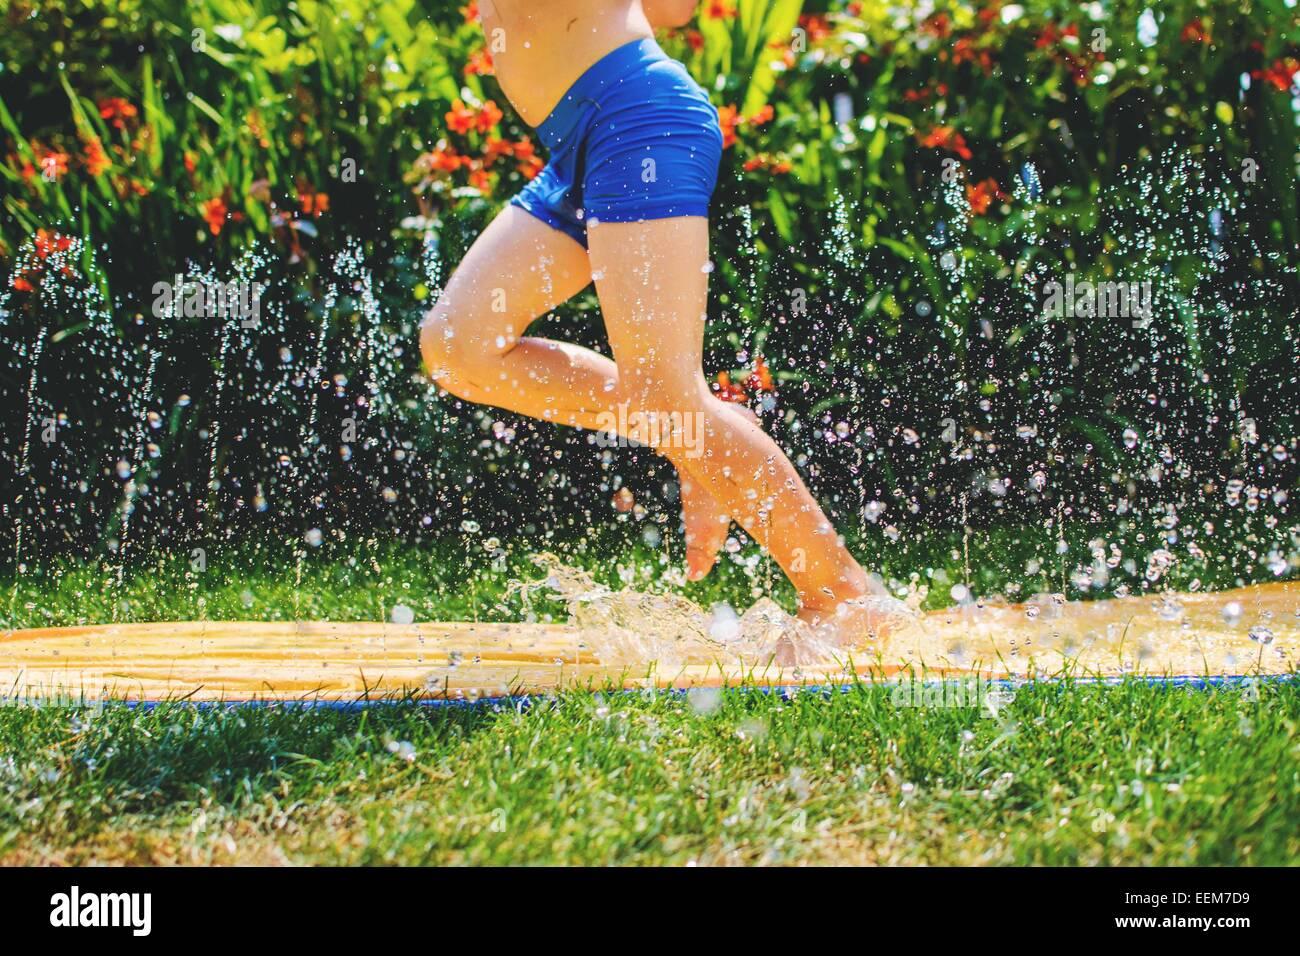 Les jambes du jeune garçon (4-5) qui traverse l'eau jouent Photo Stock